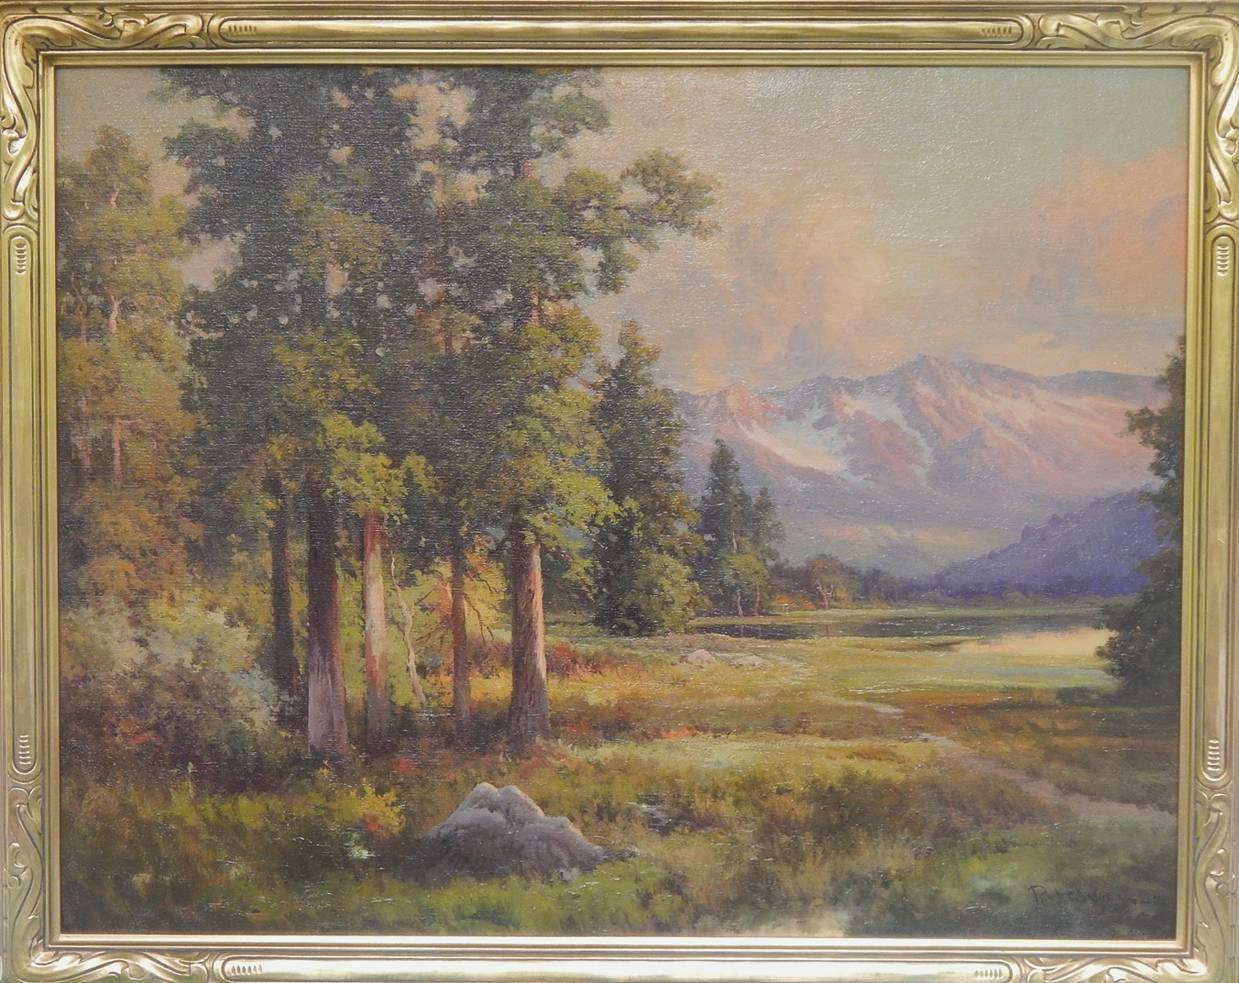 Sunset in the Sierra's (California) 1942